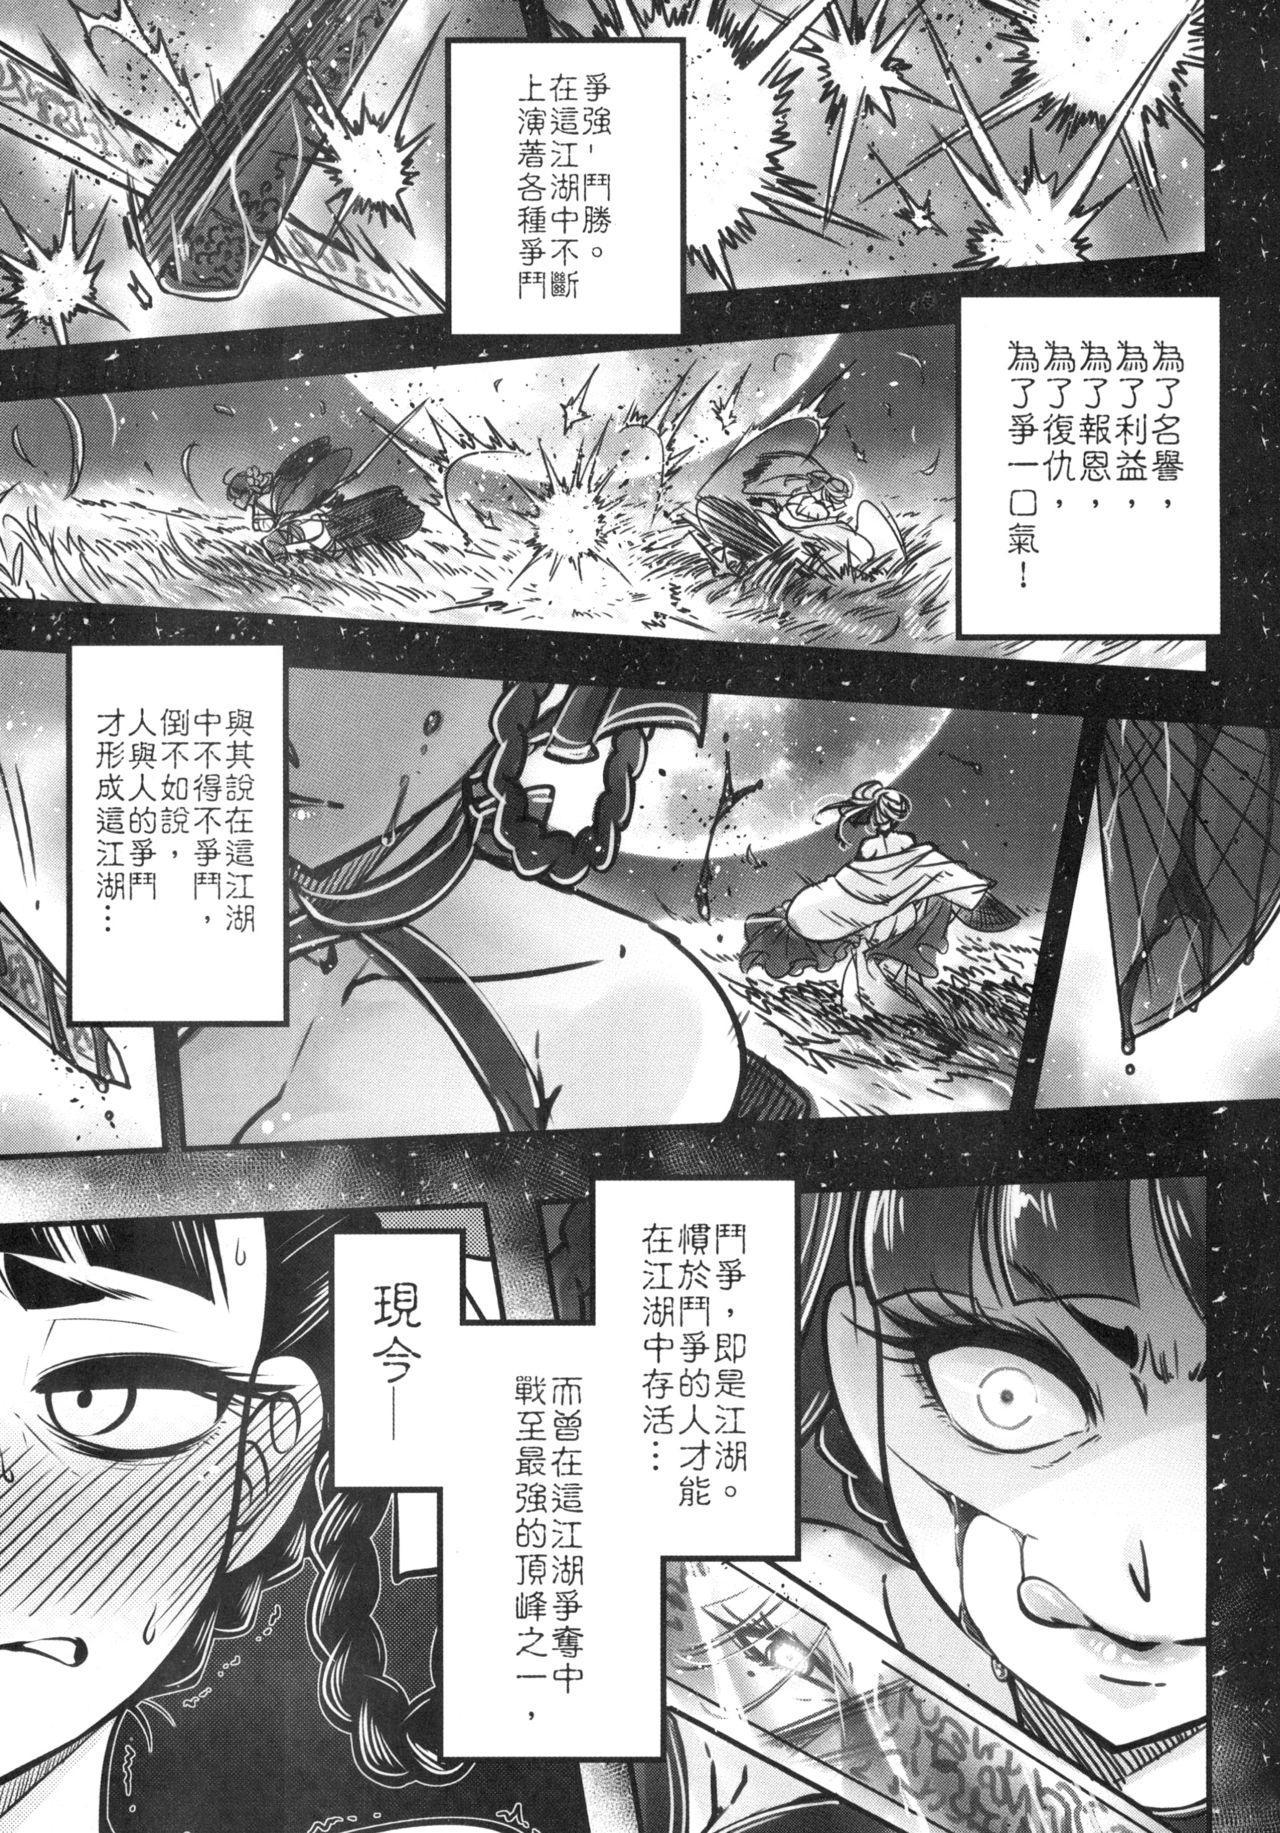 Hyakkasou3 《Hekigan rasetsu no gyakushuu》 2